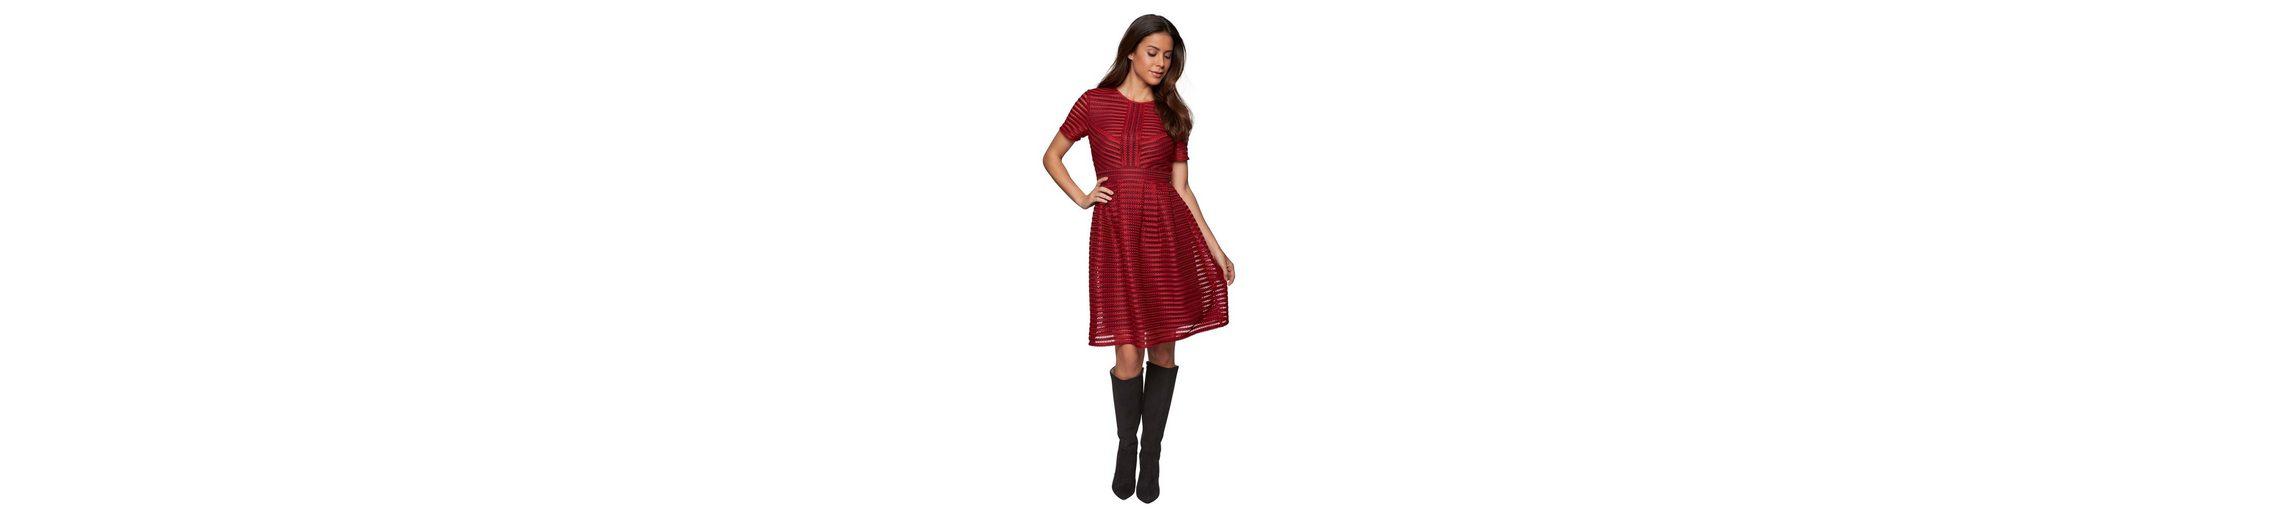 Apart Kleid Rundhals Auslauf Freiraum 100% Original Auslasszwischenraum Günstig Kaufen Erschwinglich v4ZTcr